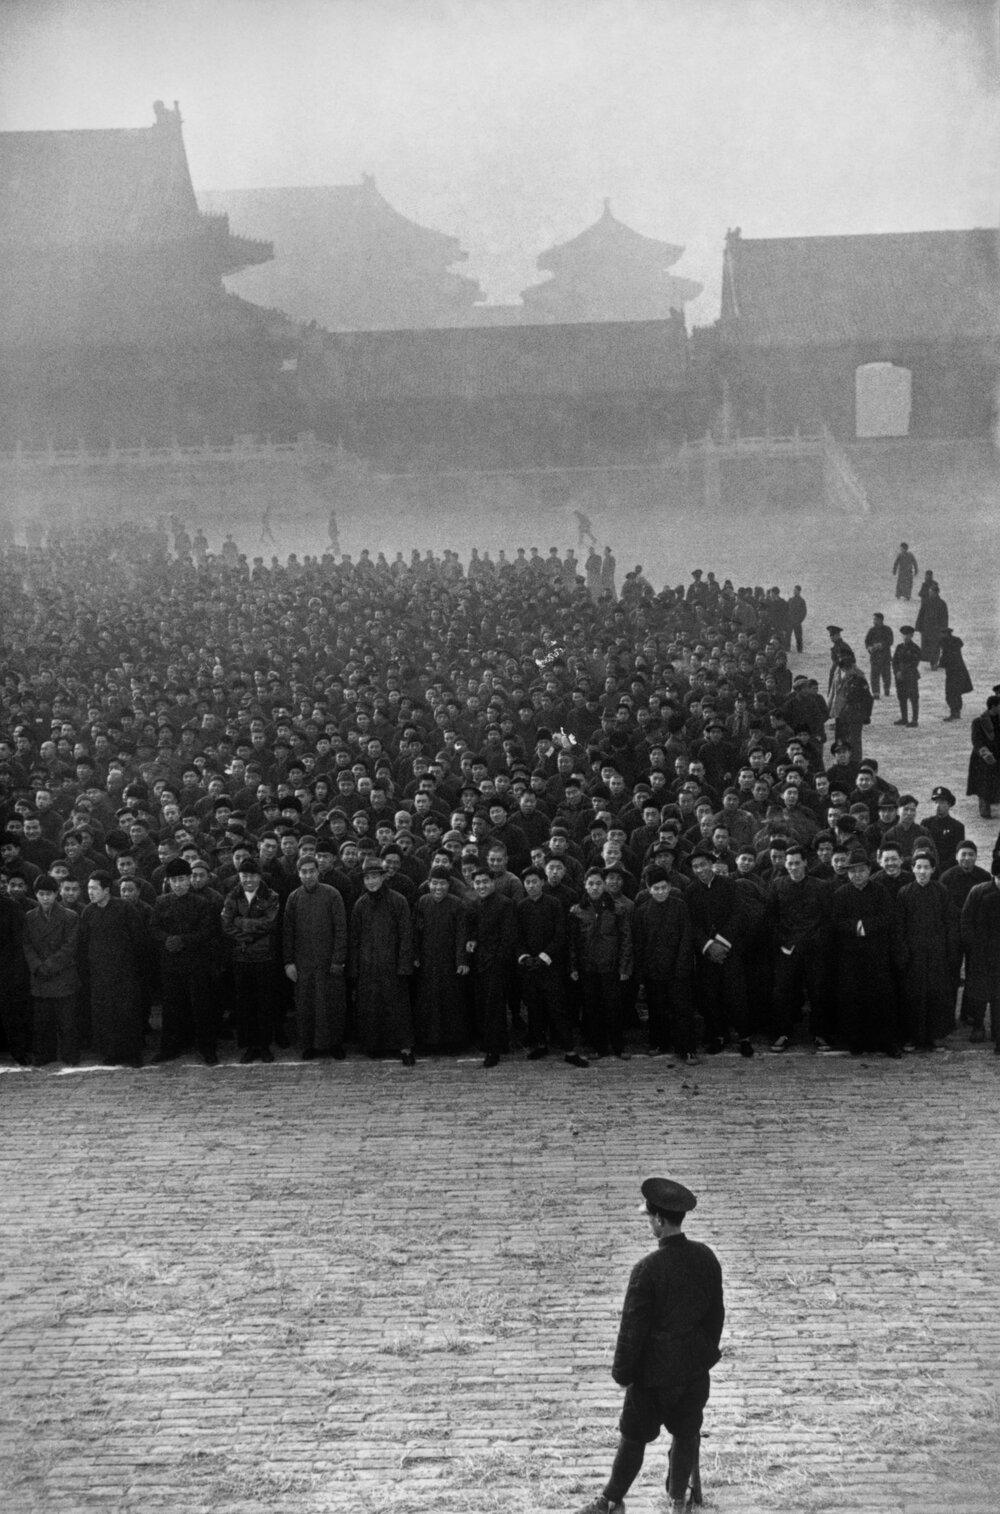 Ранком в Забороненому місті зібралося 10 000 новобранців, щоб сформувати націоналістичний полк. Пекін, грудень, 1948